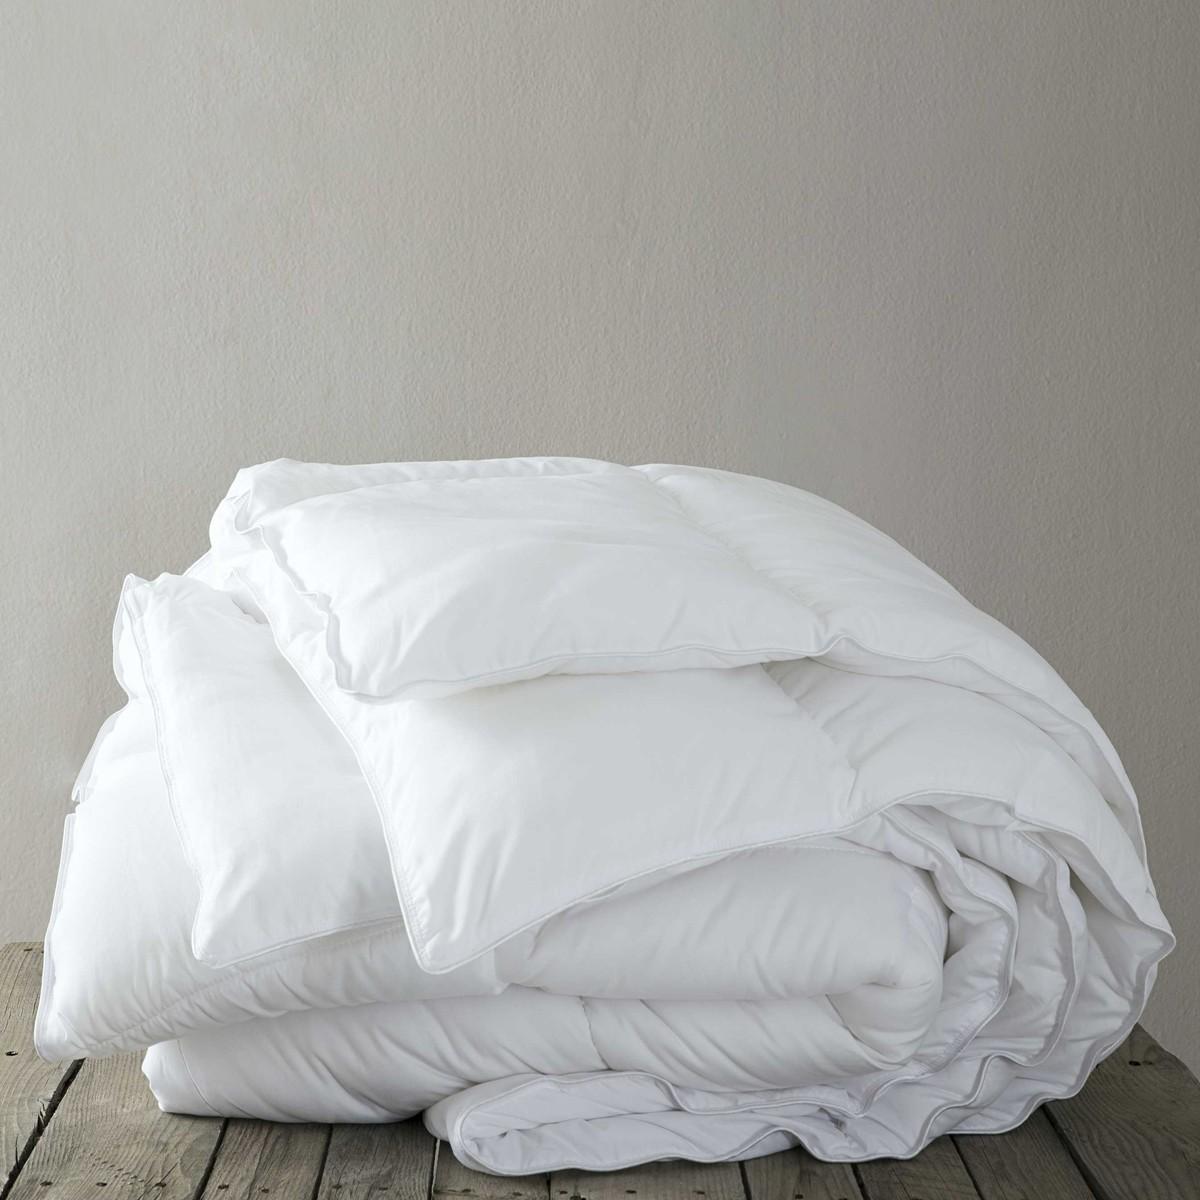 Πάπλωμα Μονό Nima Edredon Balance home   κρεβατοκάμαρα   παπλώματα   παπλώματα λευκά